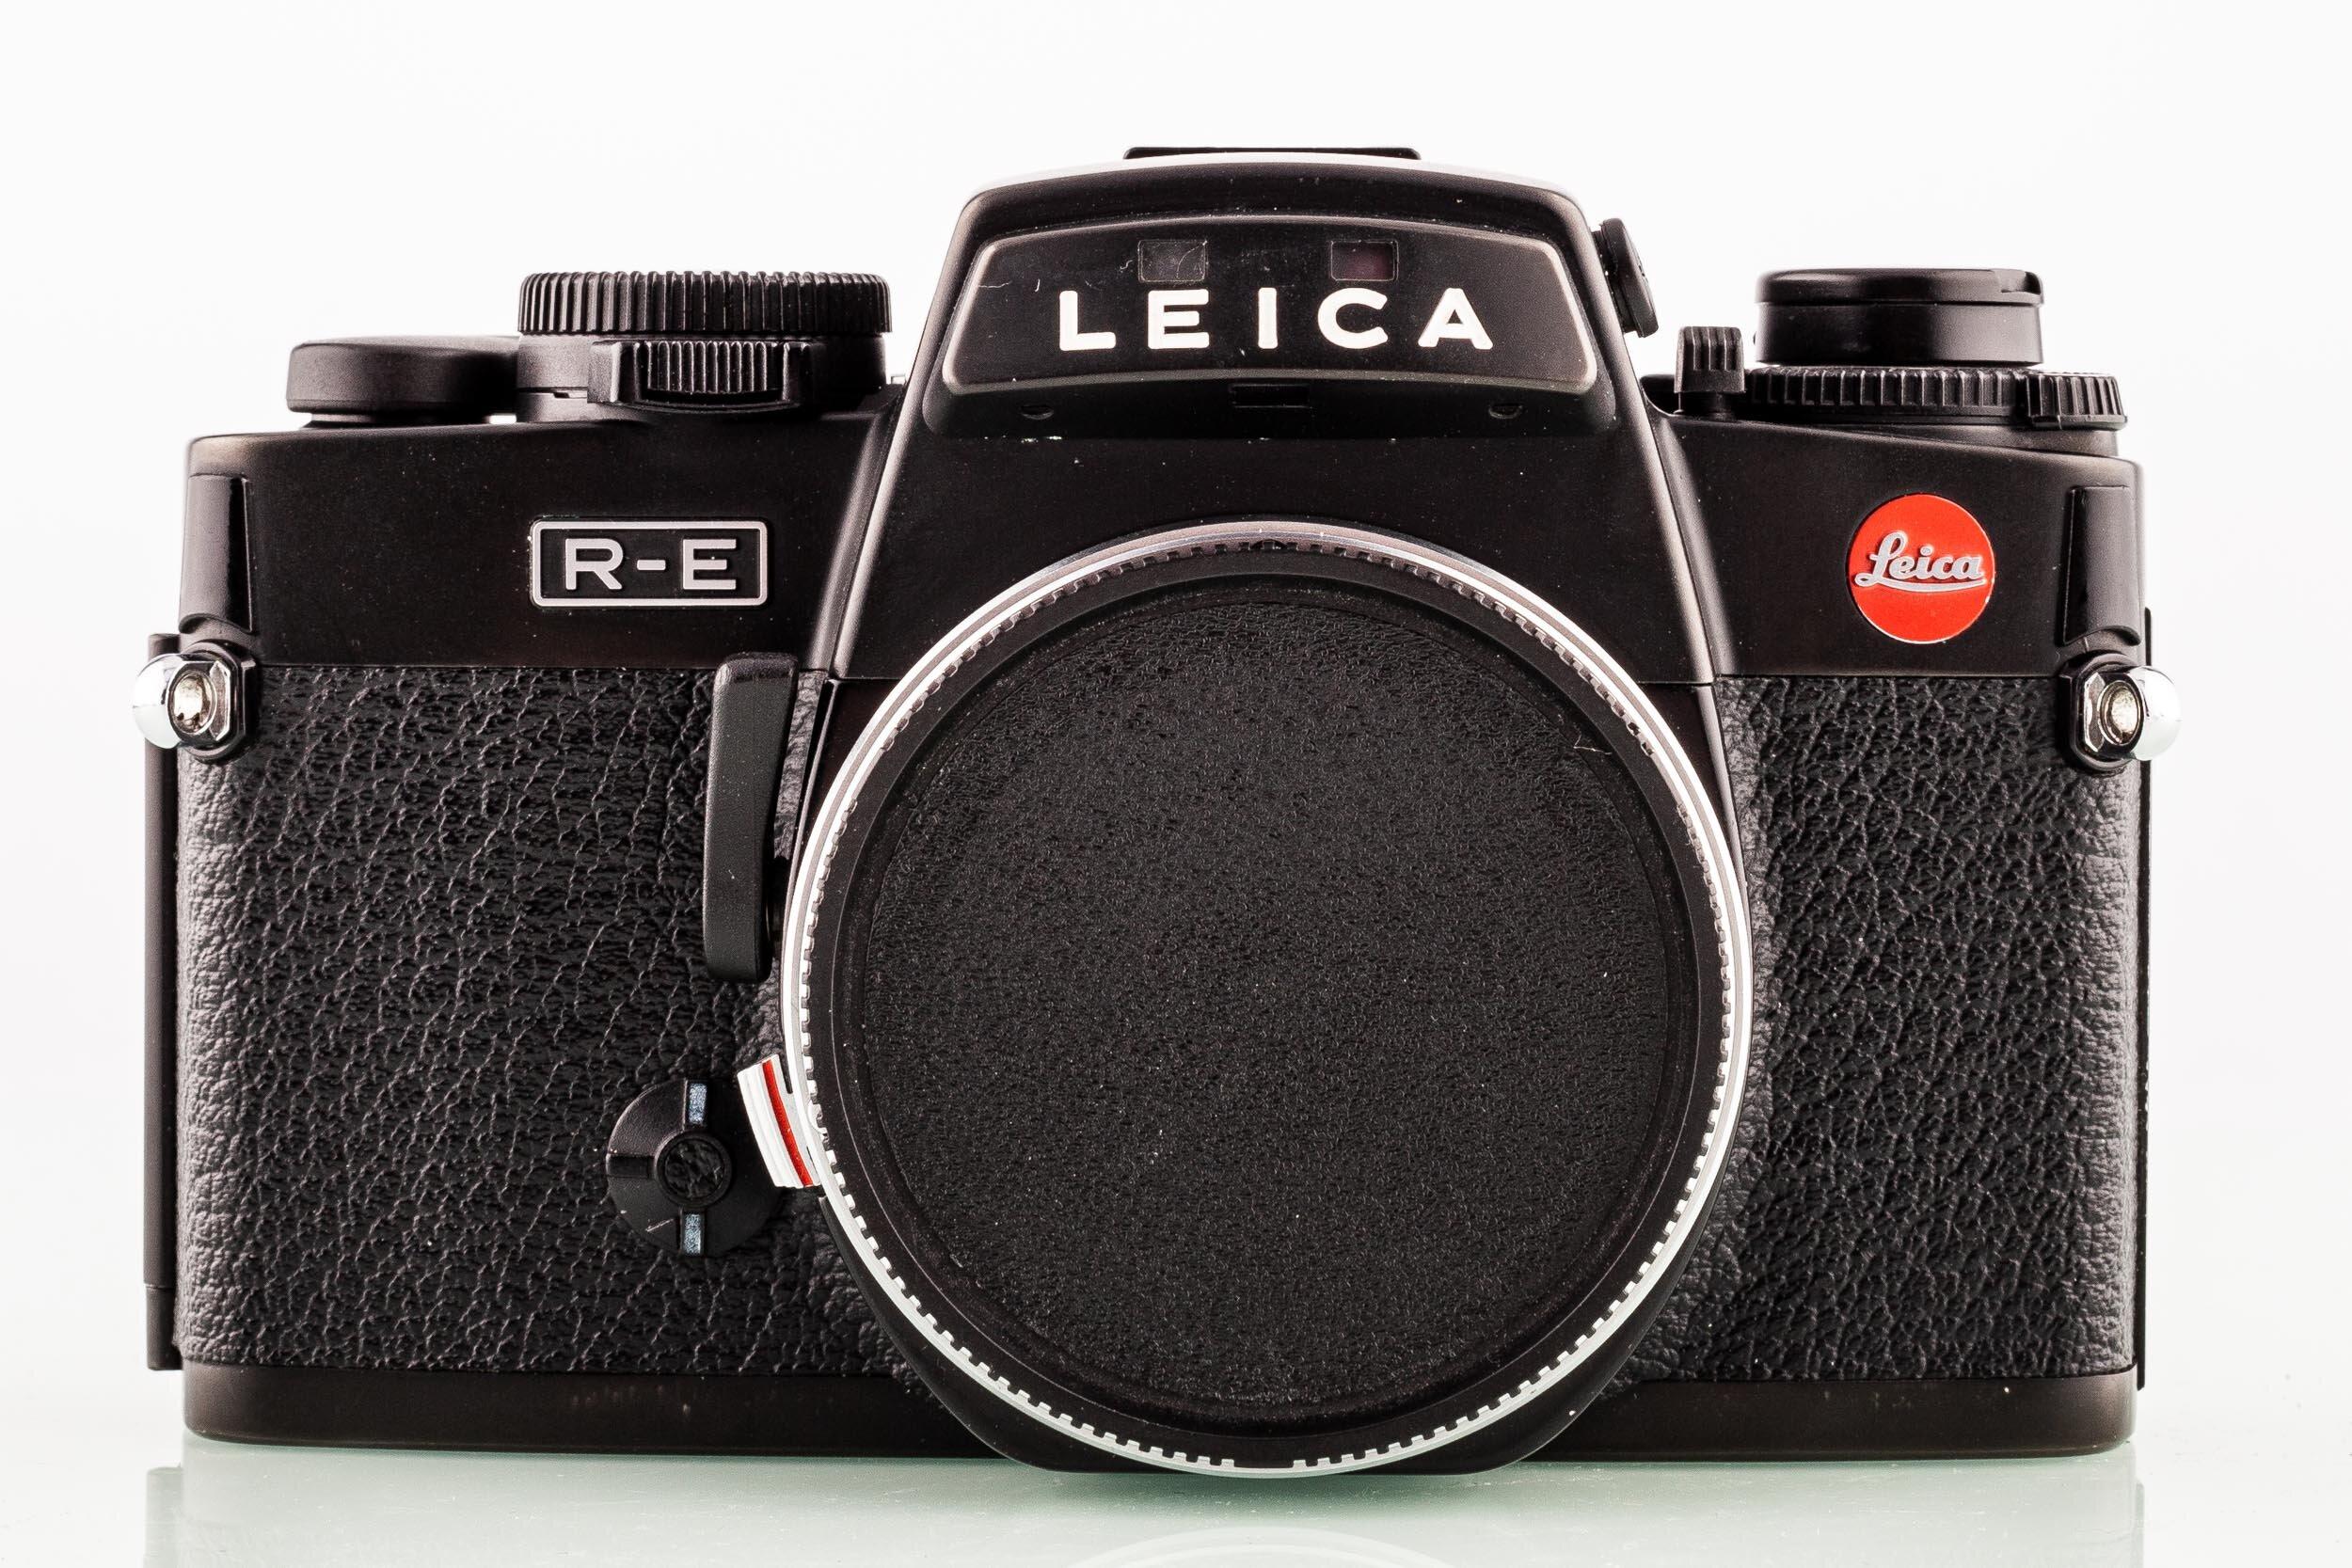 Leica R-E body black